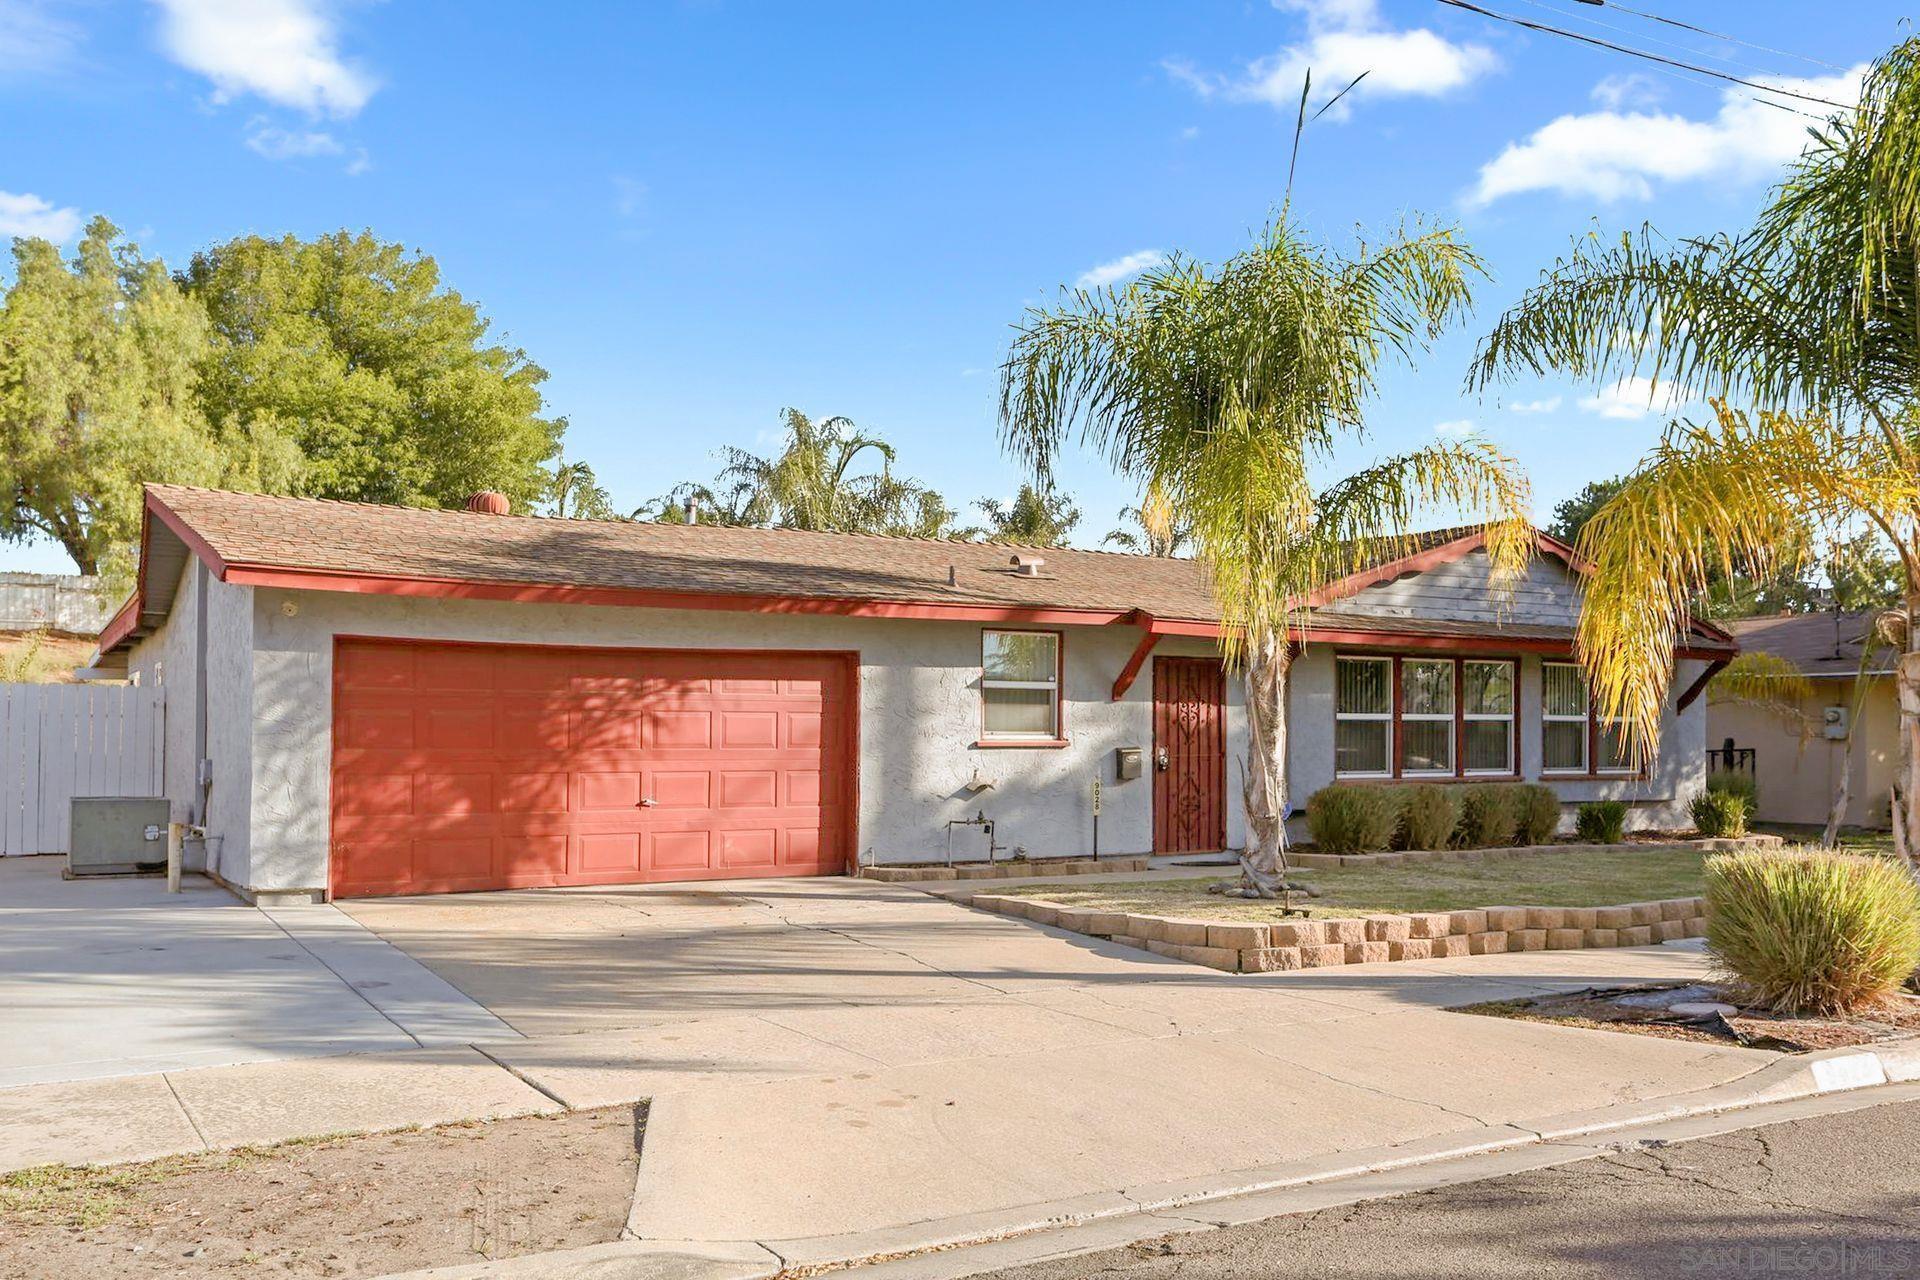 9028 Davenrich St, Spring Valley, CA 91977